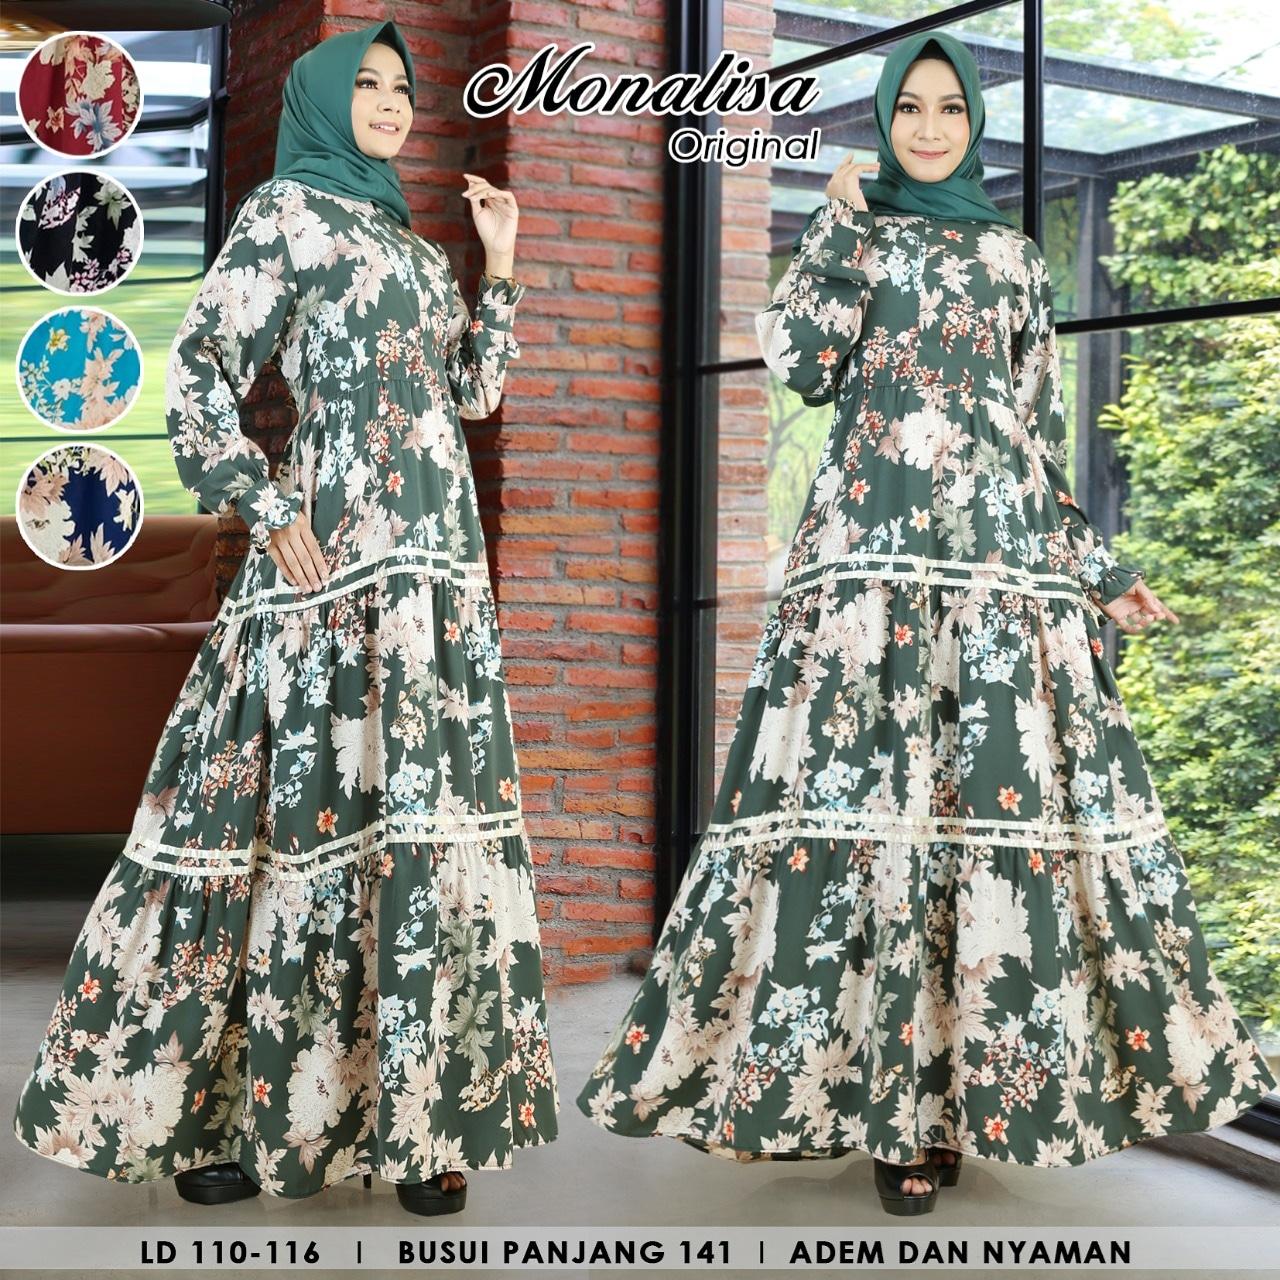 Gamis Syari Wanita Terbaru 2020 Modern Baju Muslim Wanita Murah Gamis Monalisa Premium Dress Fashion Wanita Kinta Dress Lazada Indonesia